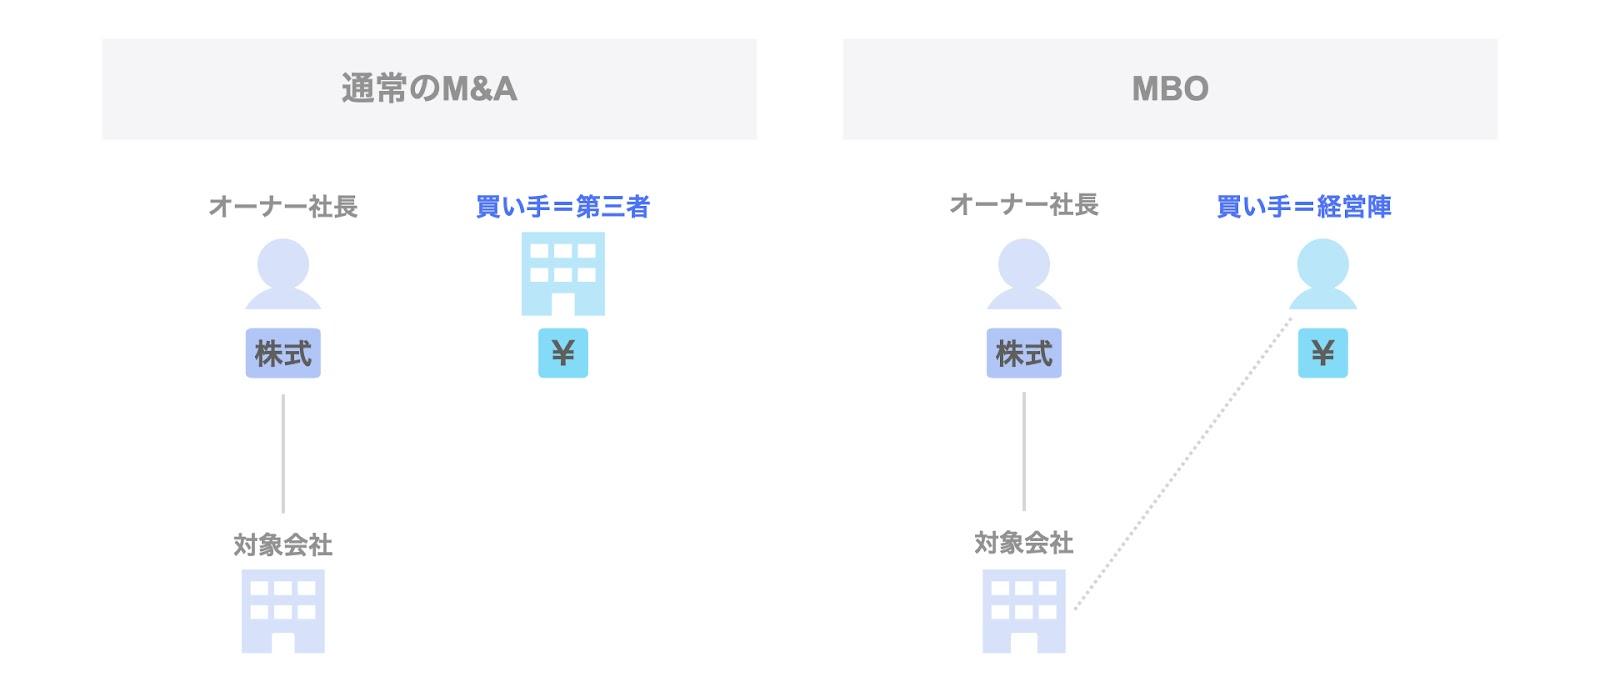 通常のM&AとMBOの比較